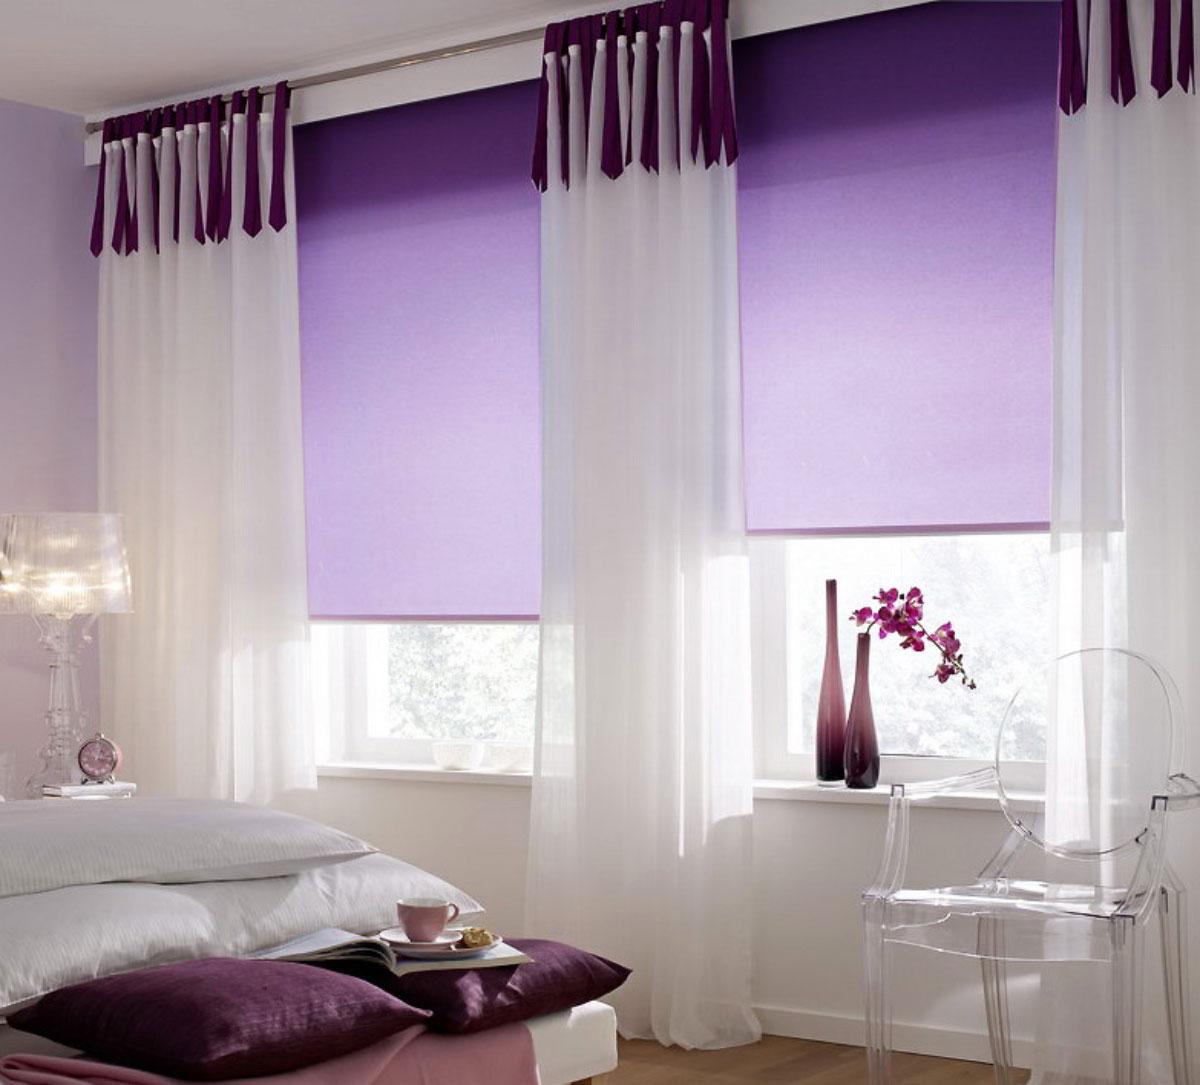 Штора рулонная KauffOrt Миниролло, цвет: фиолетовый, ширина 37 см, высота 170 см3037007Рулонная штора Миниролло выполнена из высокопрочной ткани, которая сохраняет свой размер даже при намокании. Ткань не выцветает и обладает отличной цветоустойчивостью. Миниролло - это подвид рулонных штор, который закрывает не весь оконный проем, а непосредственно само стекло. Такие шторы крепятся на раму без сверления при помощи зажимов или клейкой двухсторонней ленты (в комплекте). Окно остается на гарантии, благодаря монтажу без сверления. Такая штора станет прекрасным элементом декора окна и гармонично впишется в интерьер любого помещения.